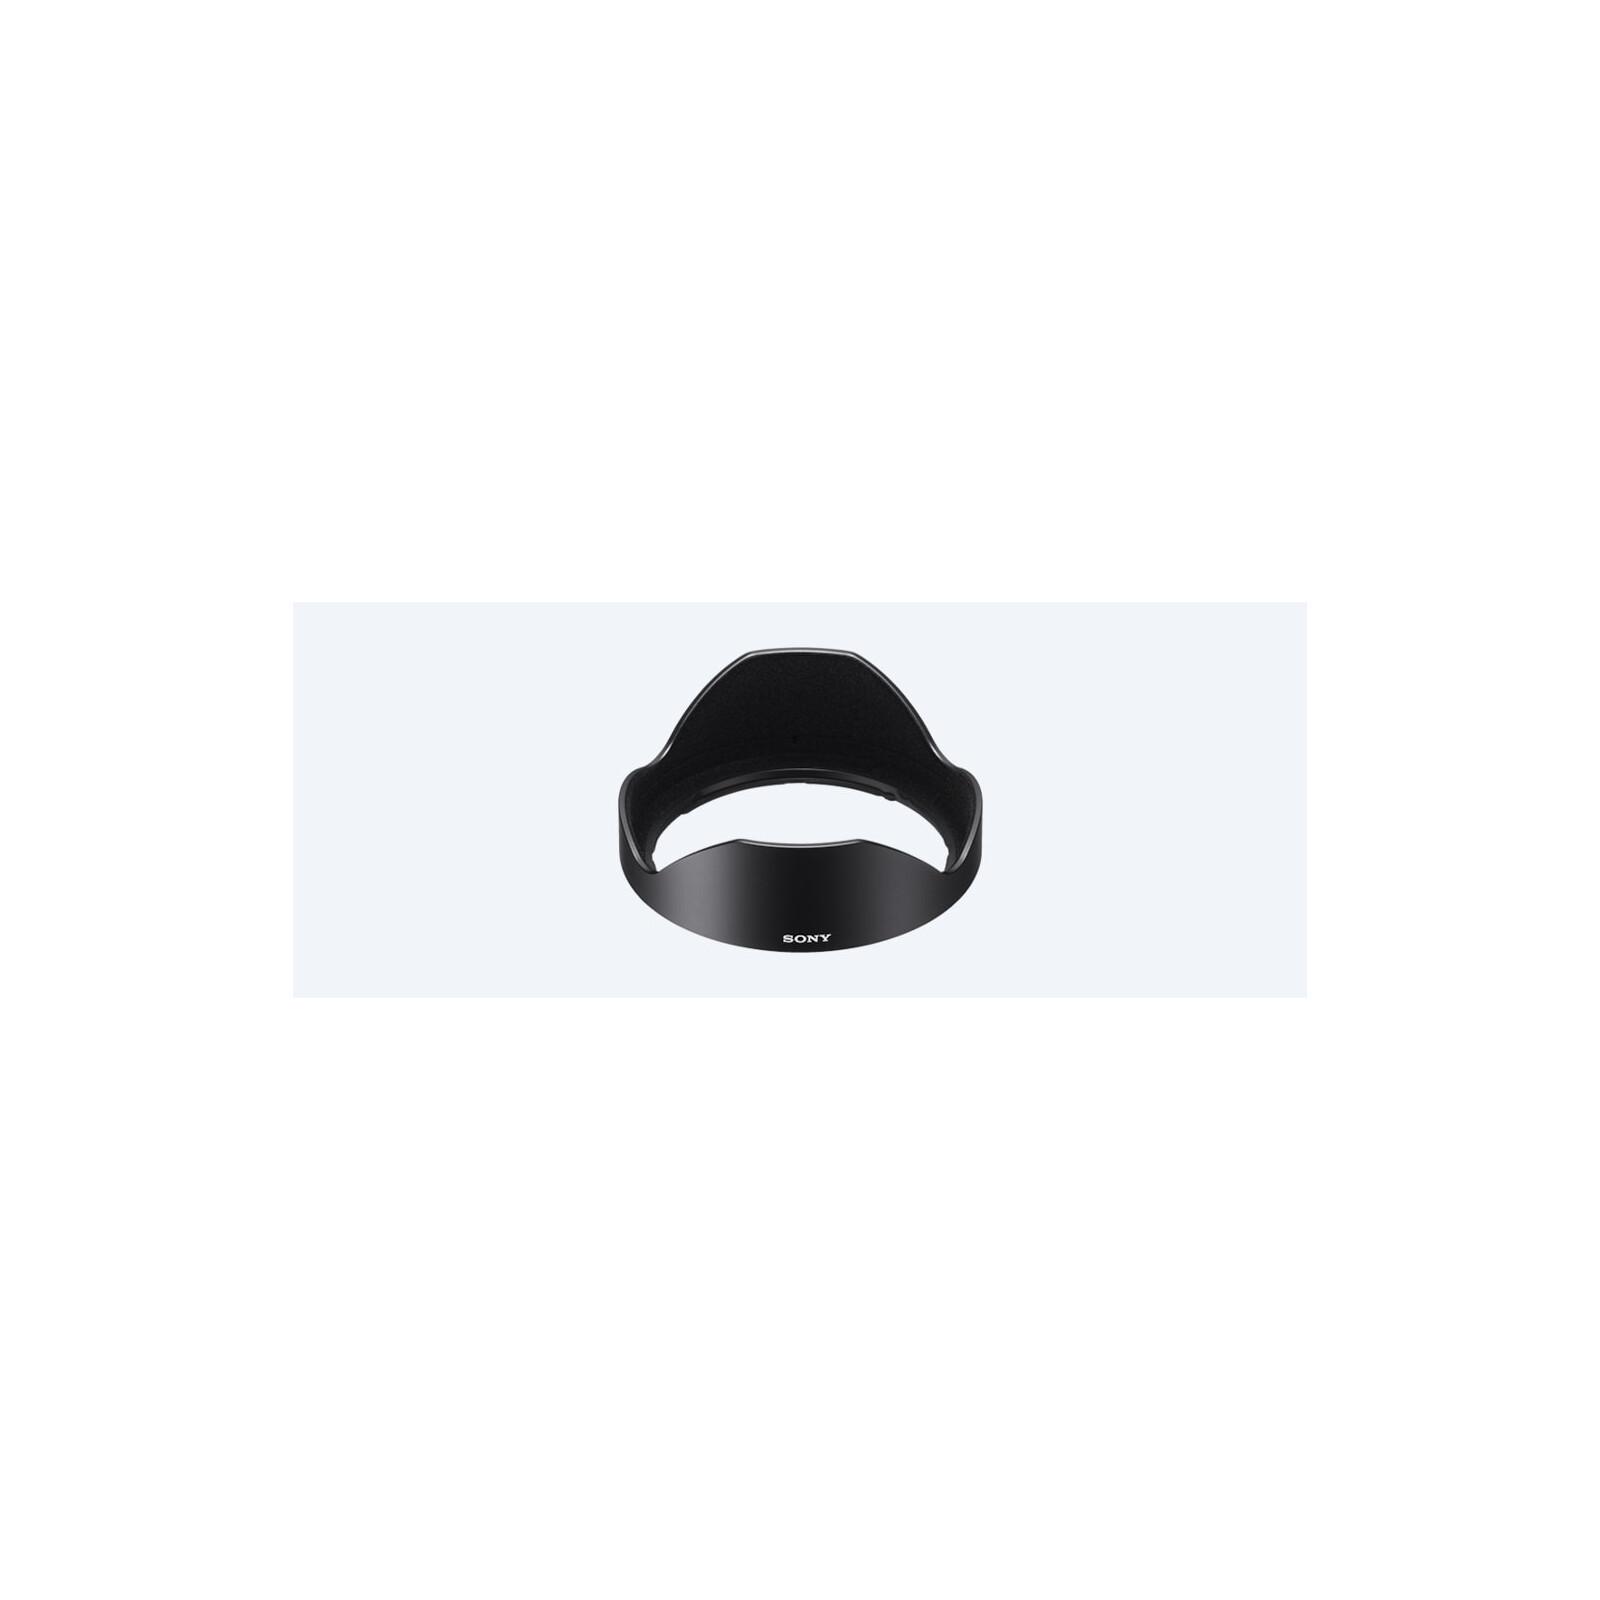 Sony ALC-SH106 Gegenlichtblende